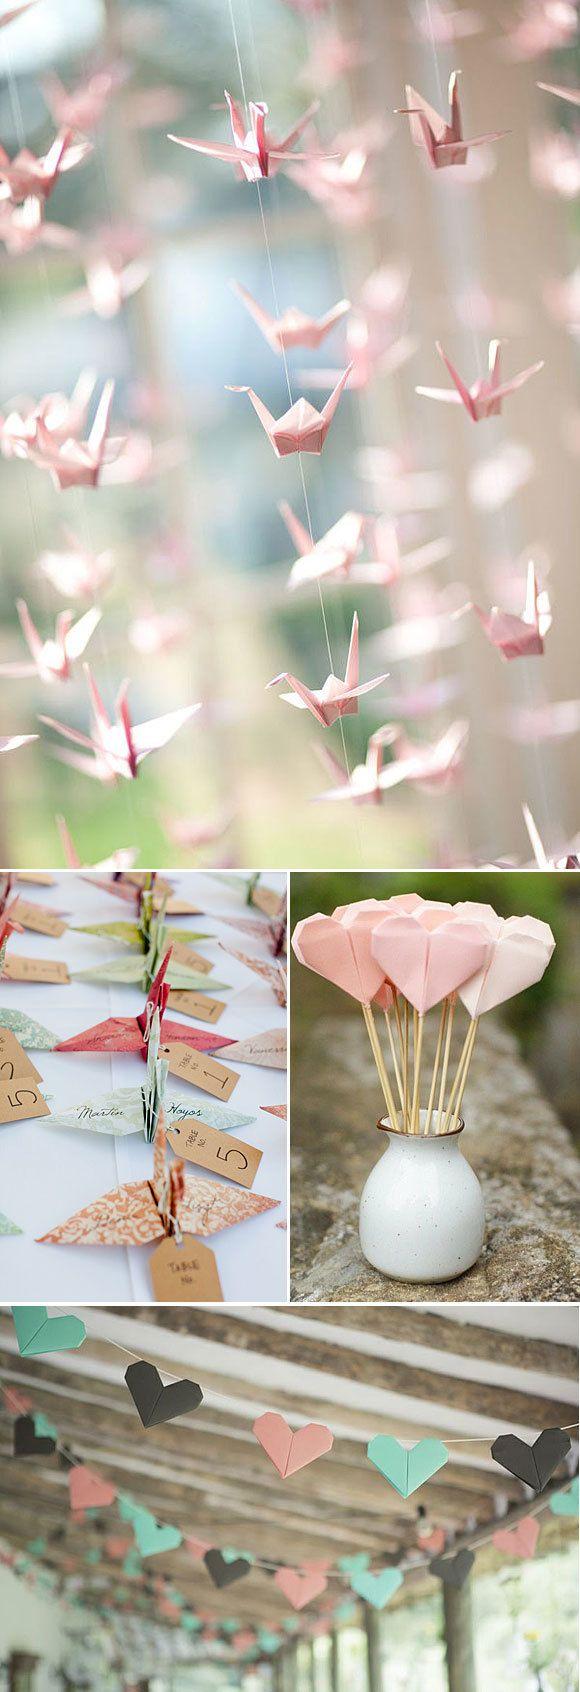 Origami no casório